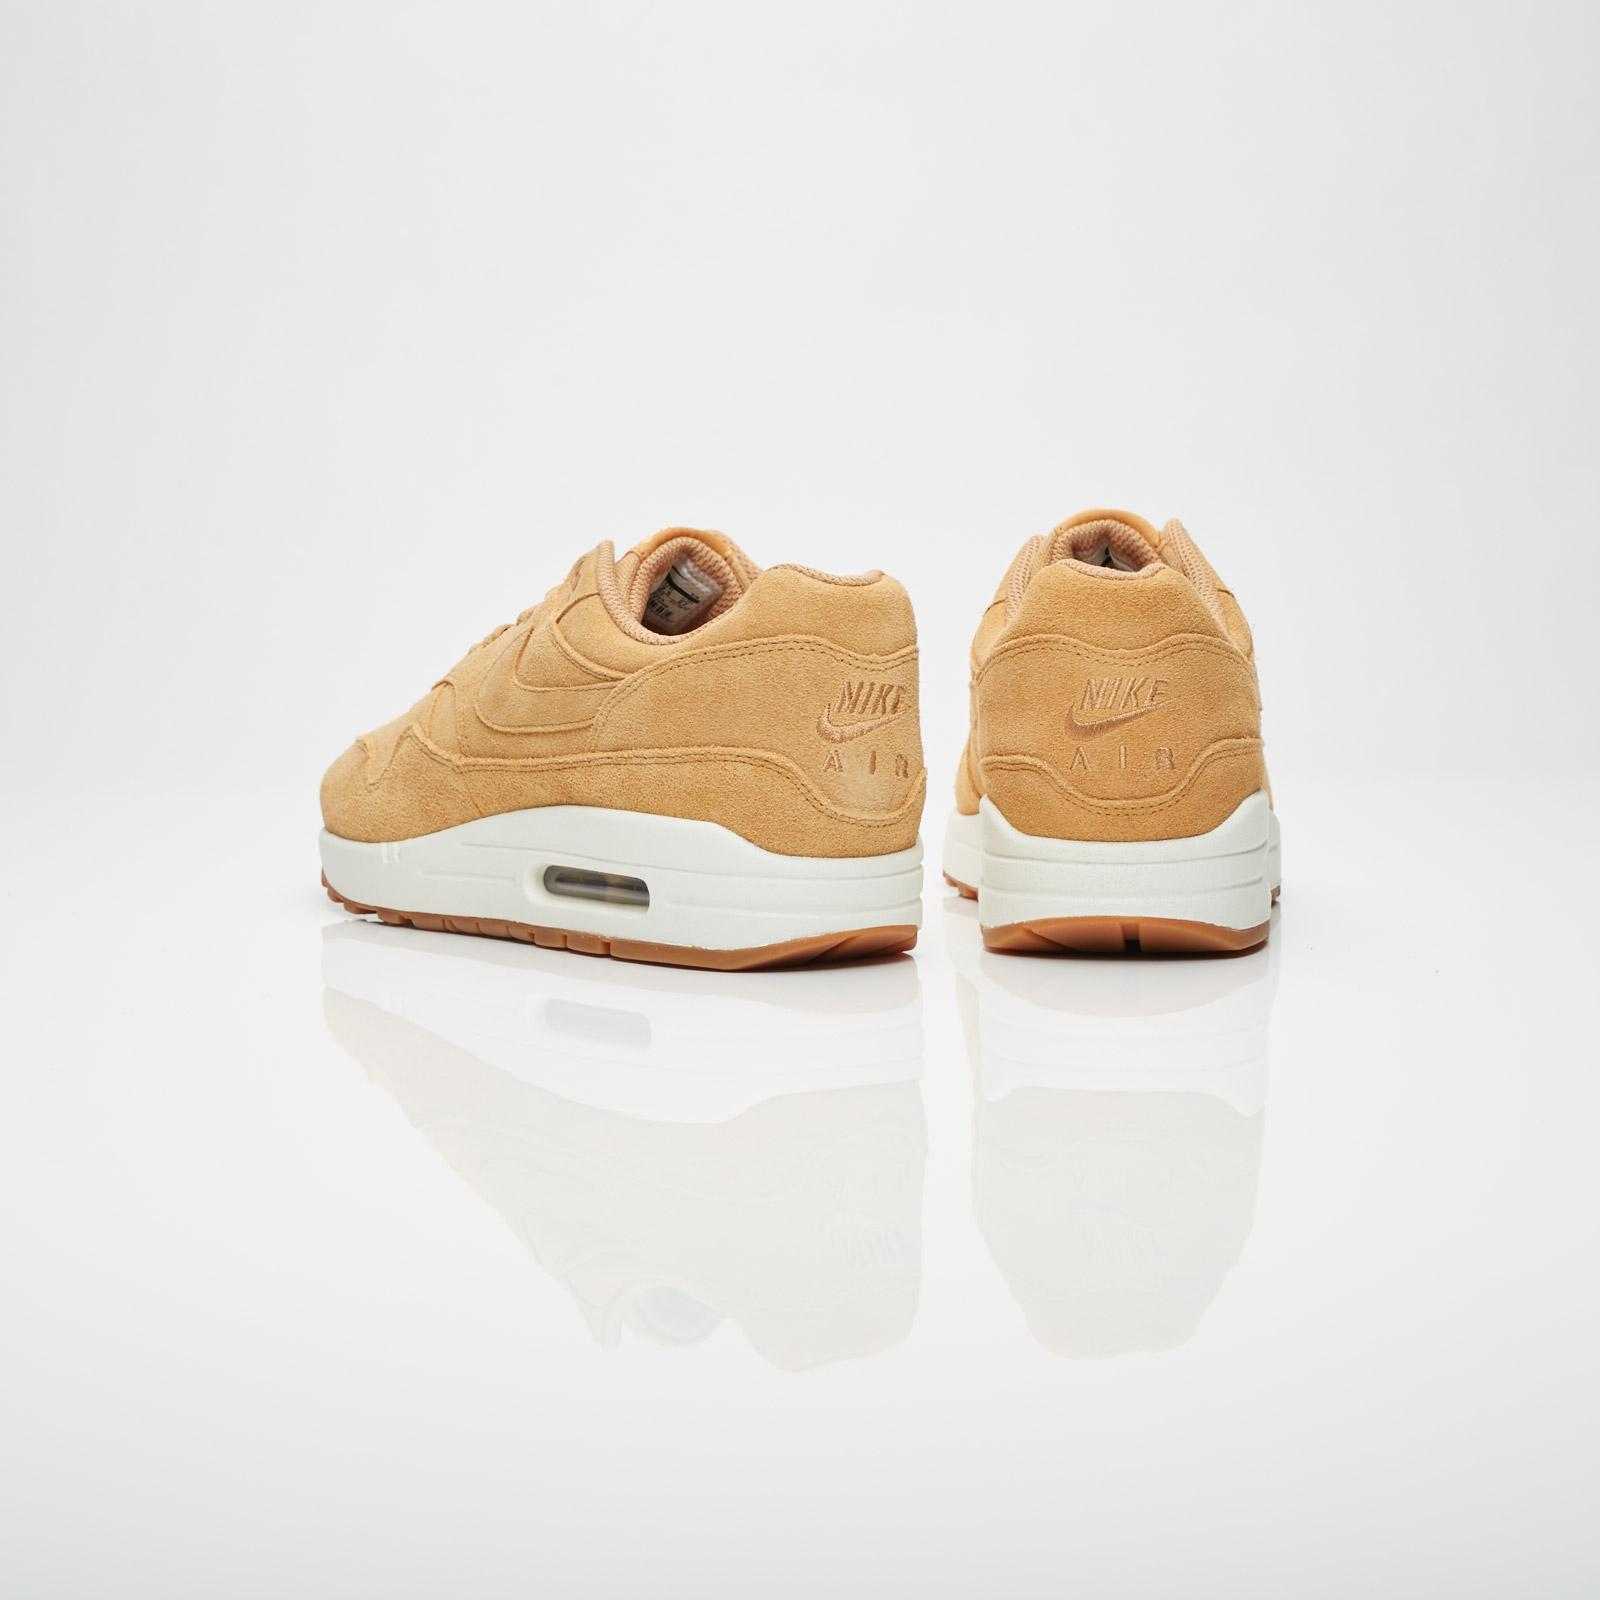 0c2cd864942e Nike Sportswear Air Max 1 Premium Nike Sportswear Air Max 1 Premium ...